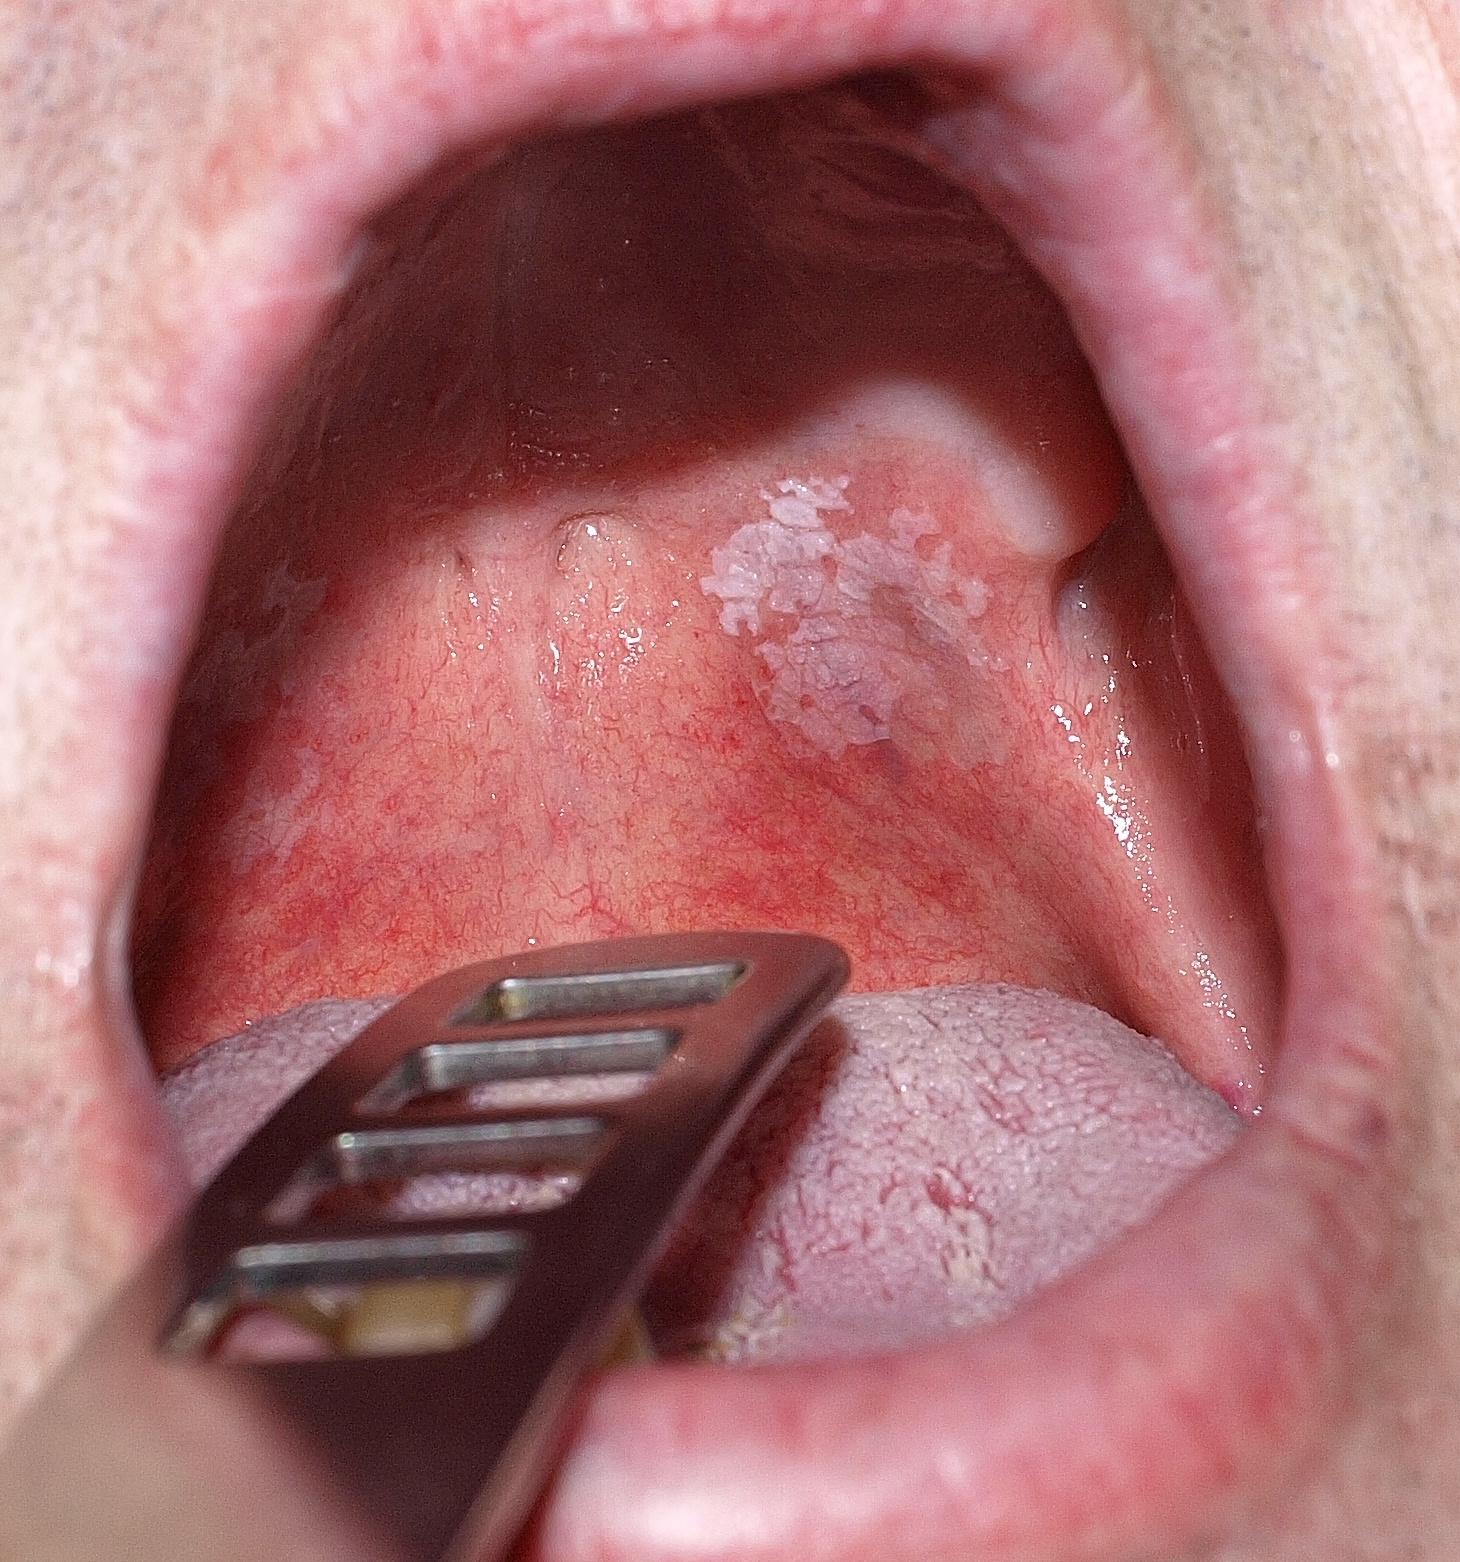 szemölcsök a szájban férfiaknál